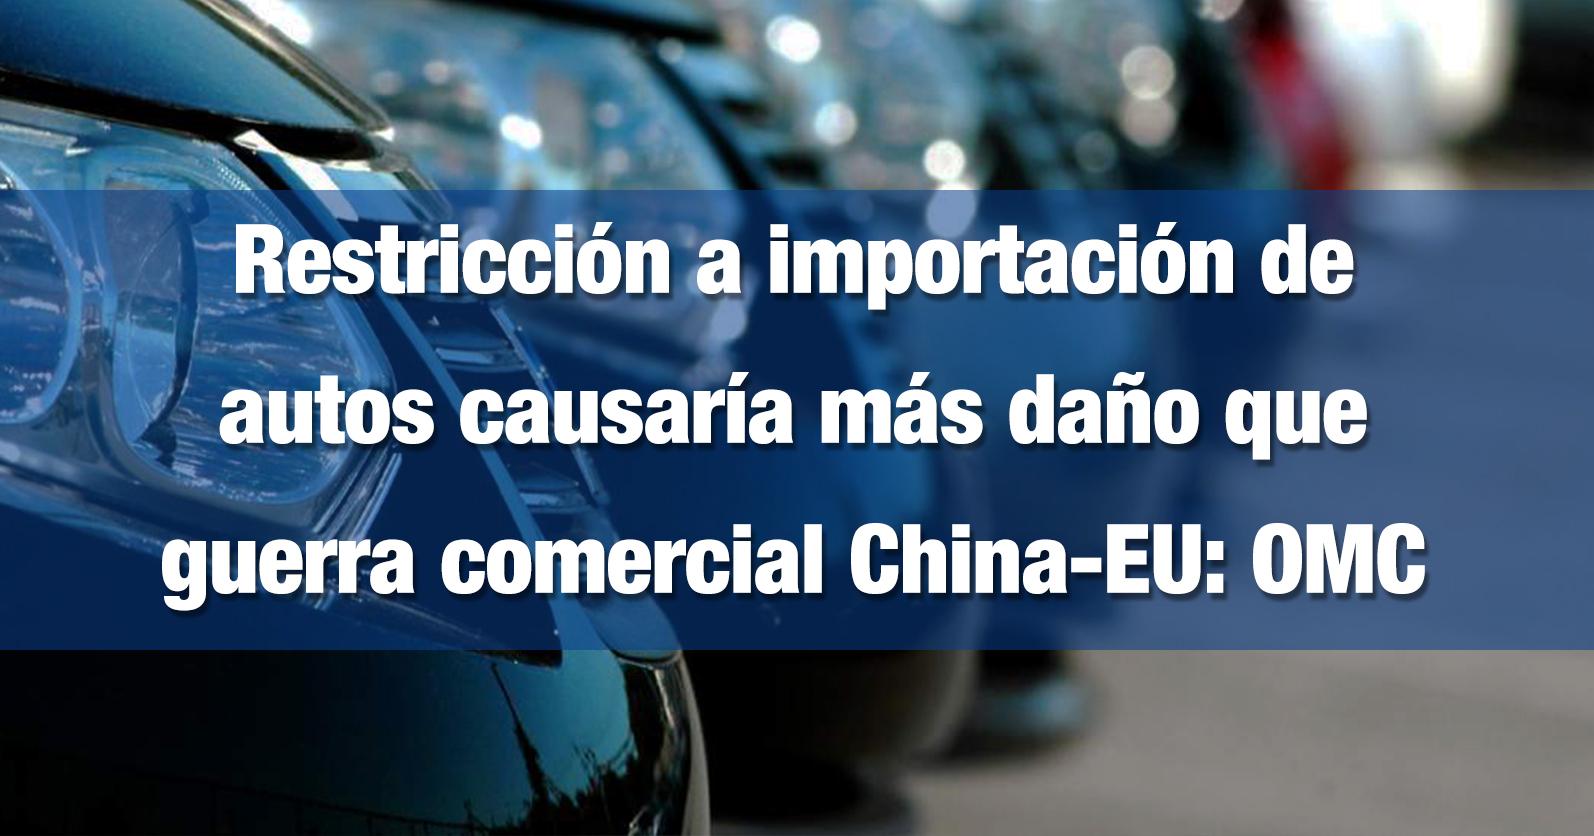 Restricción a importación de autos causaría más daño que guerra comercial China-EU: OMC